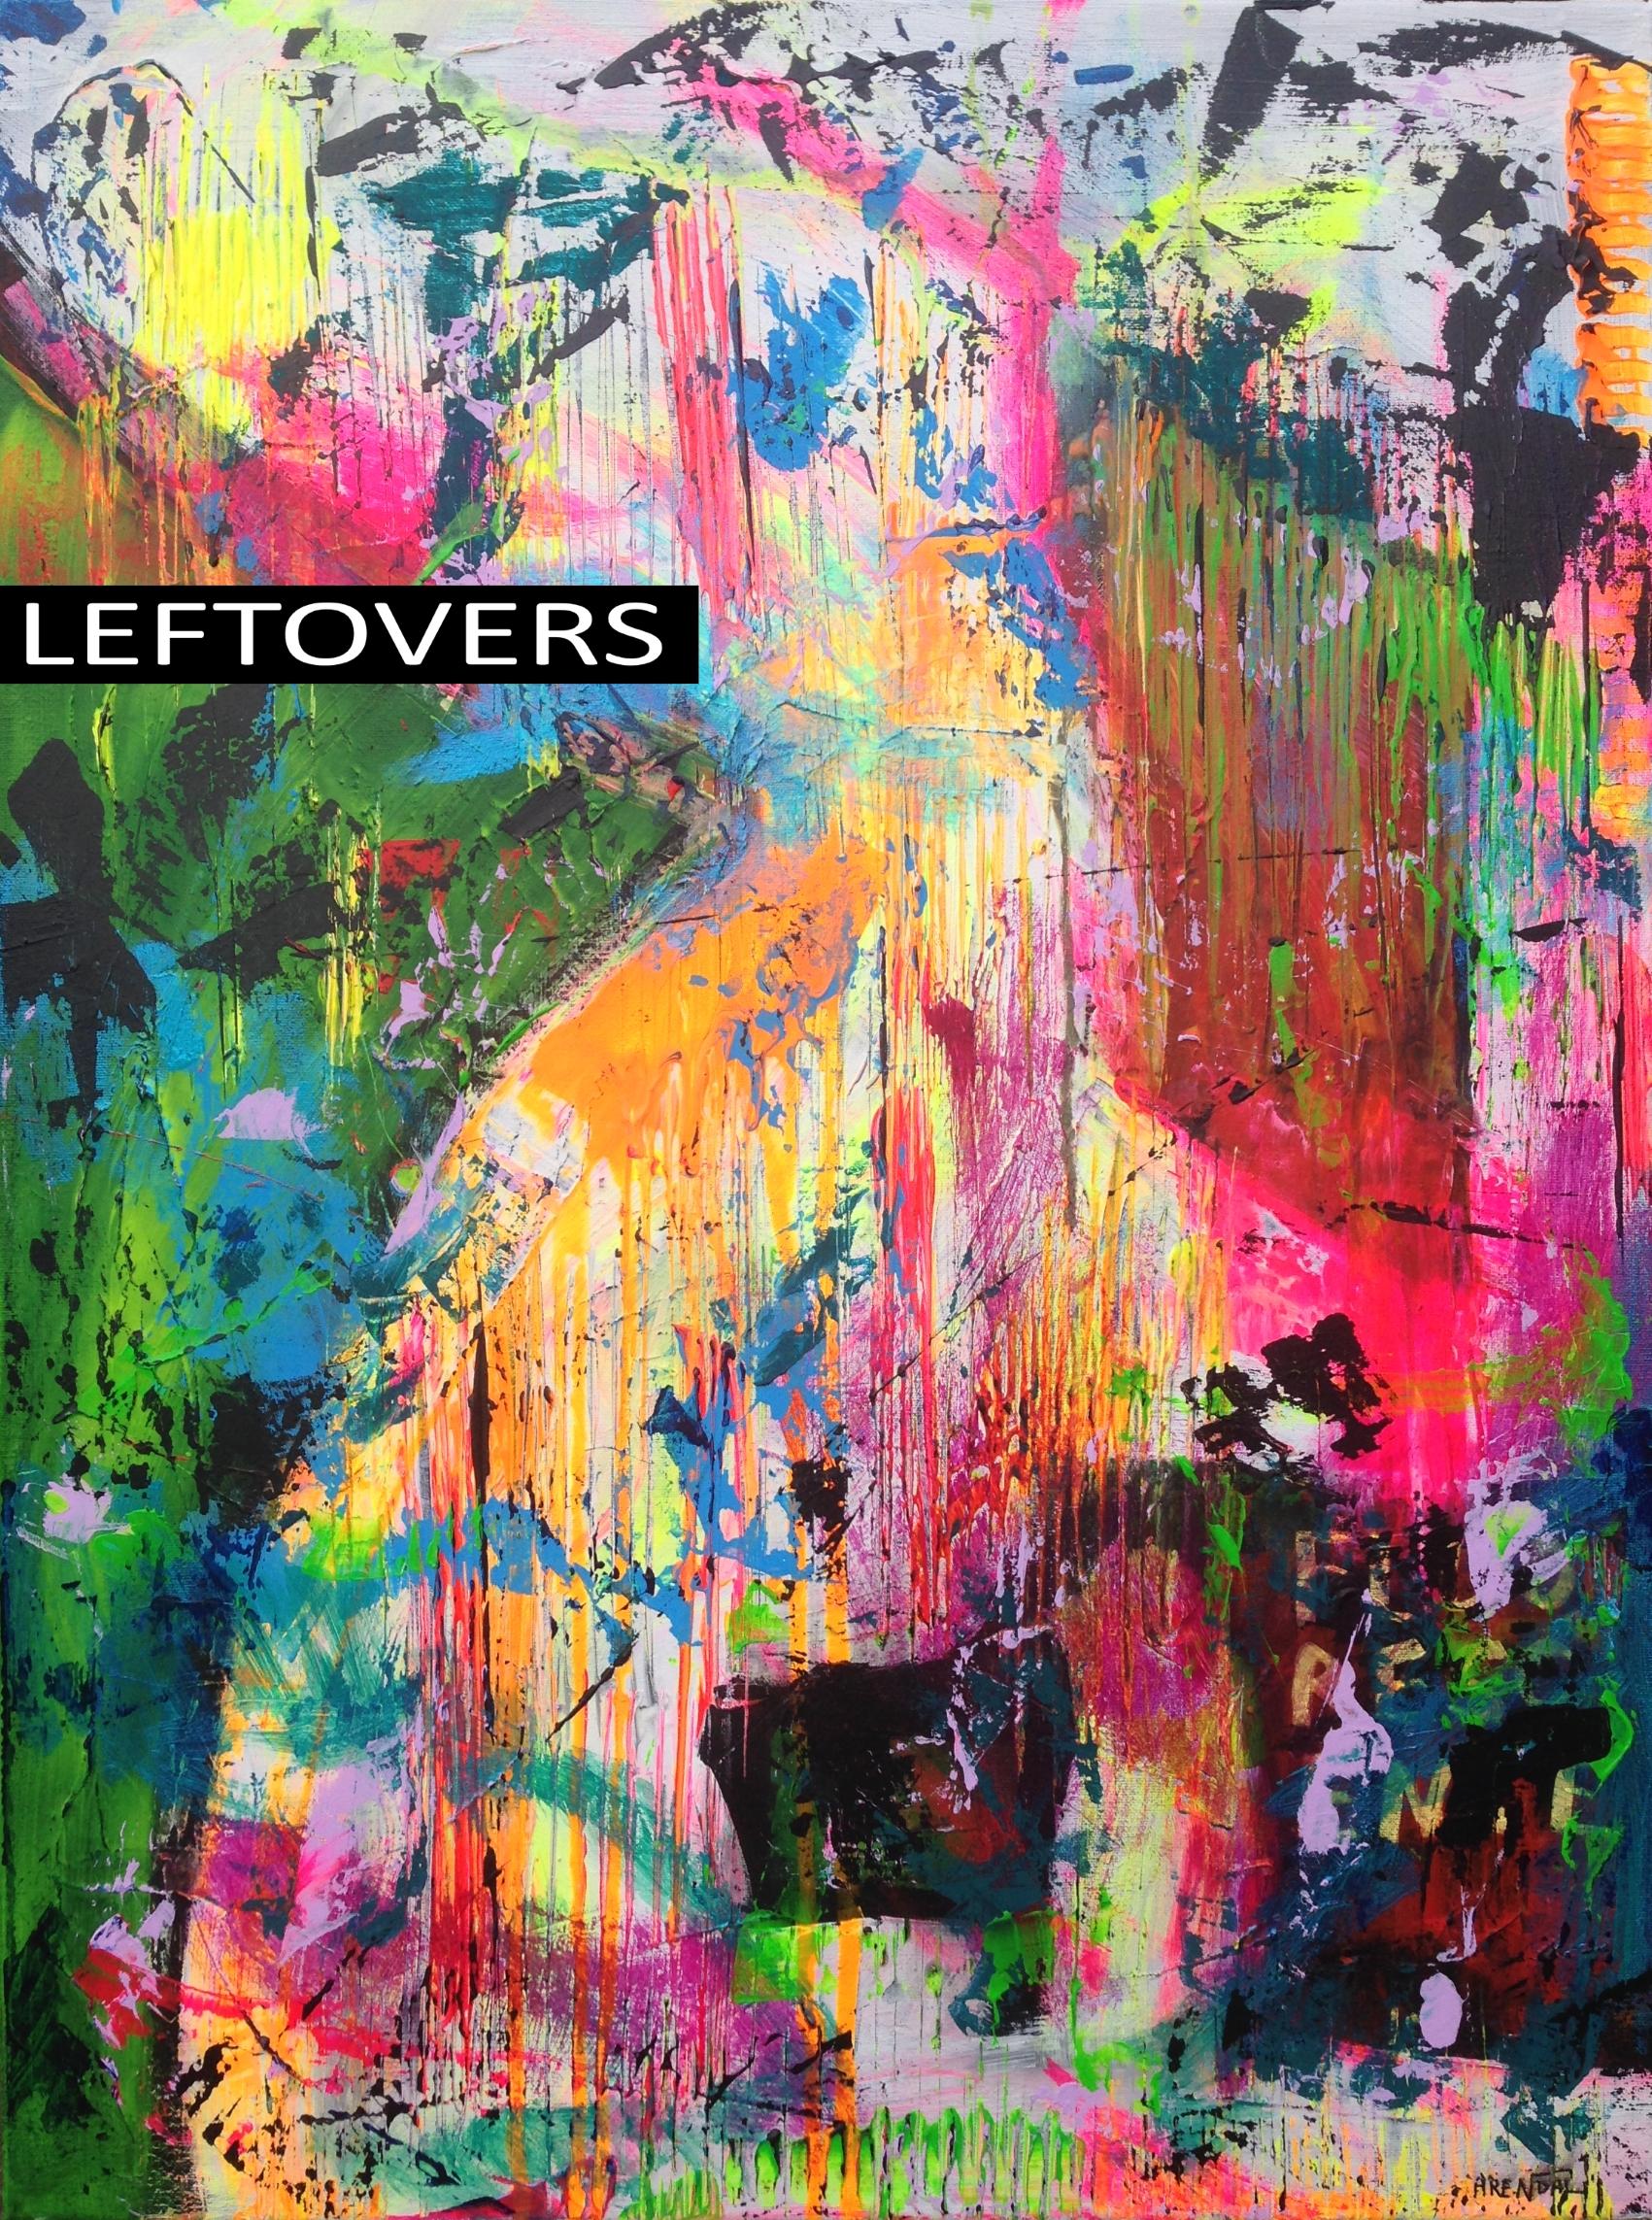 Leftovers 3